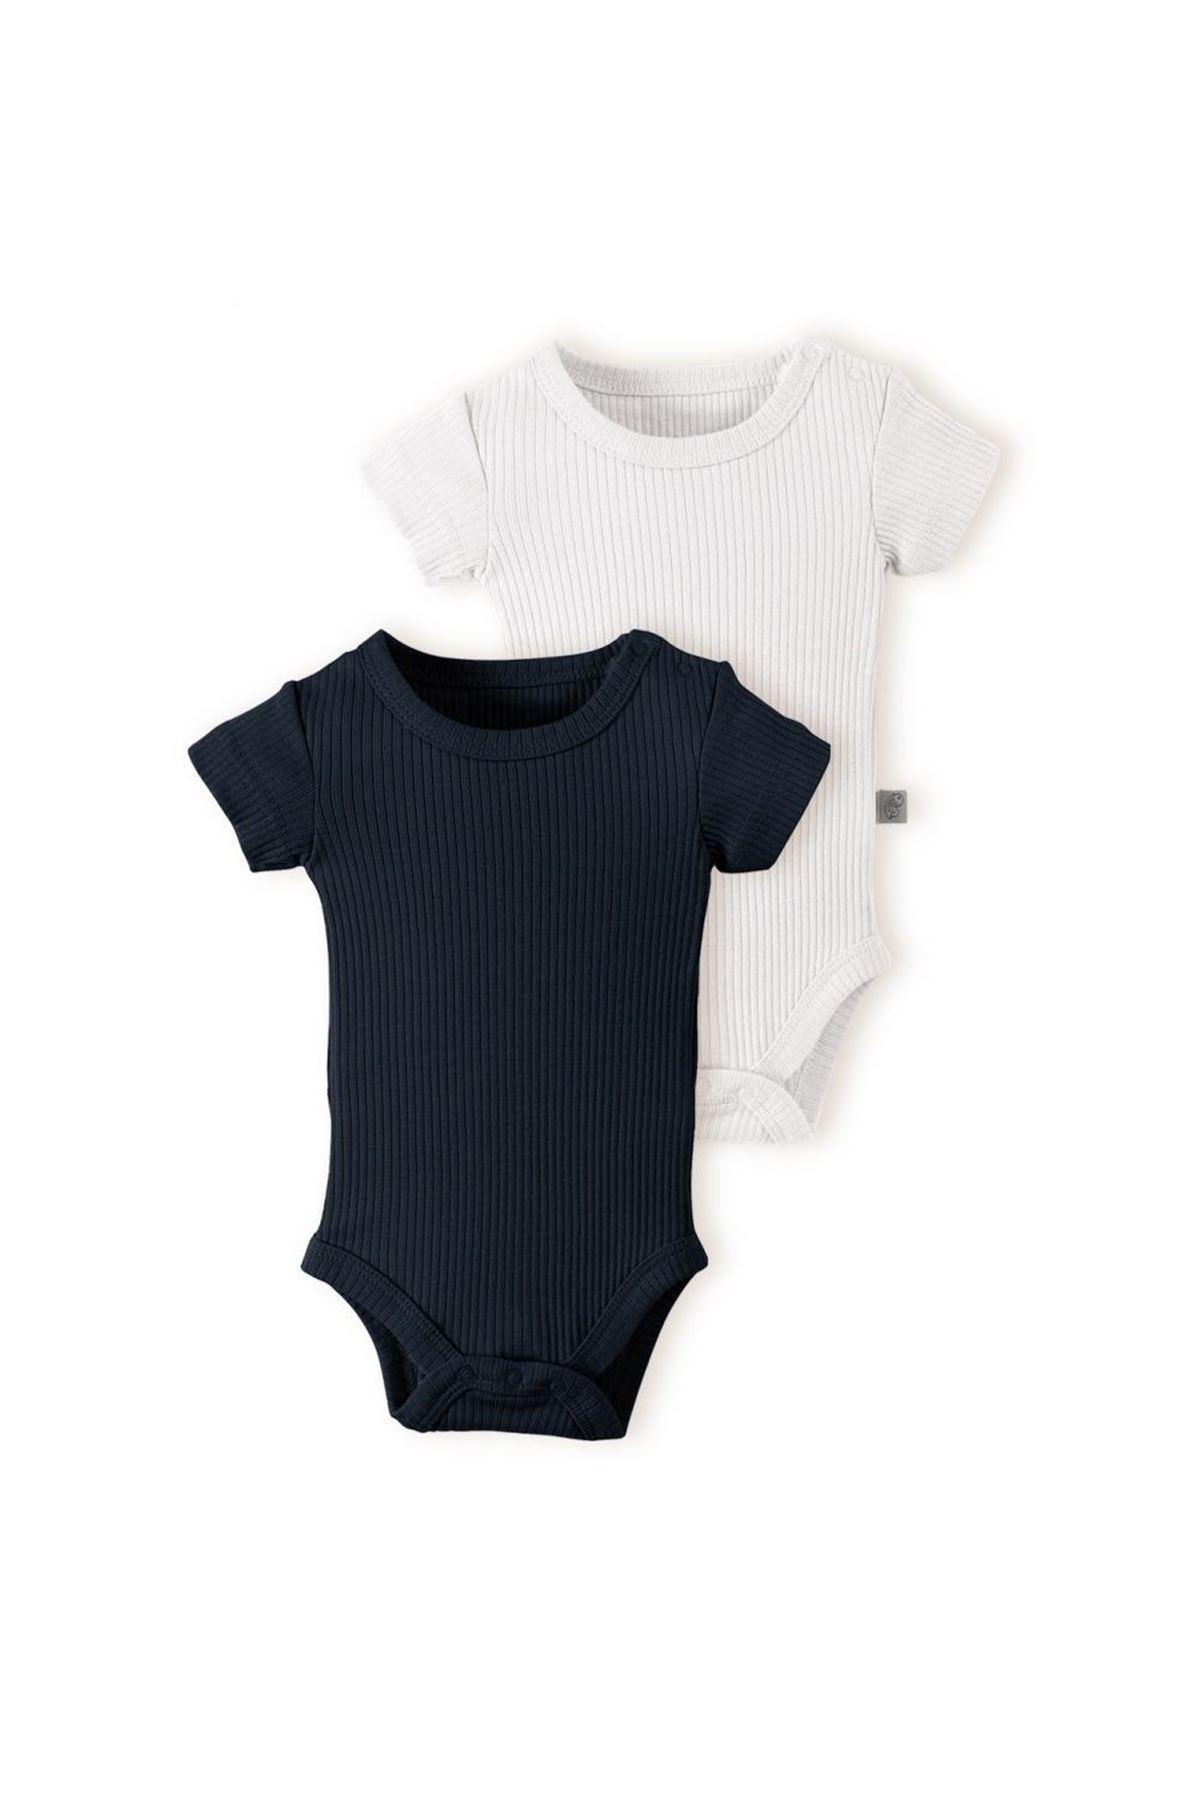 Baby Cosy Organic 2Li Bebek T-şhirt 11201 Black-Ekru